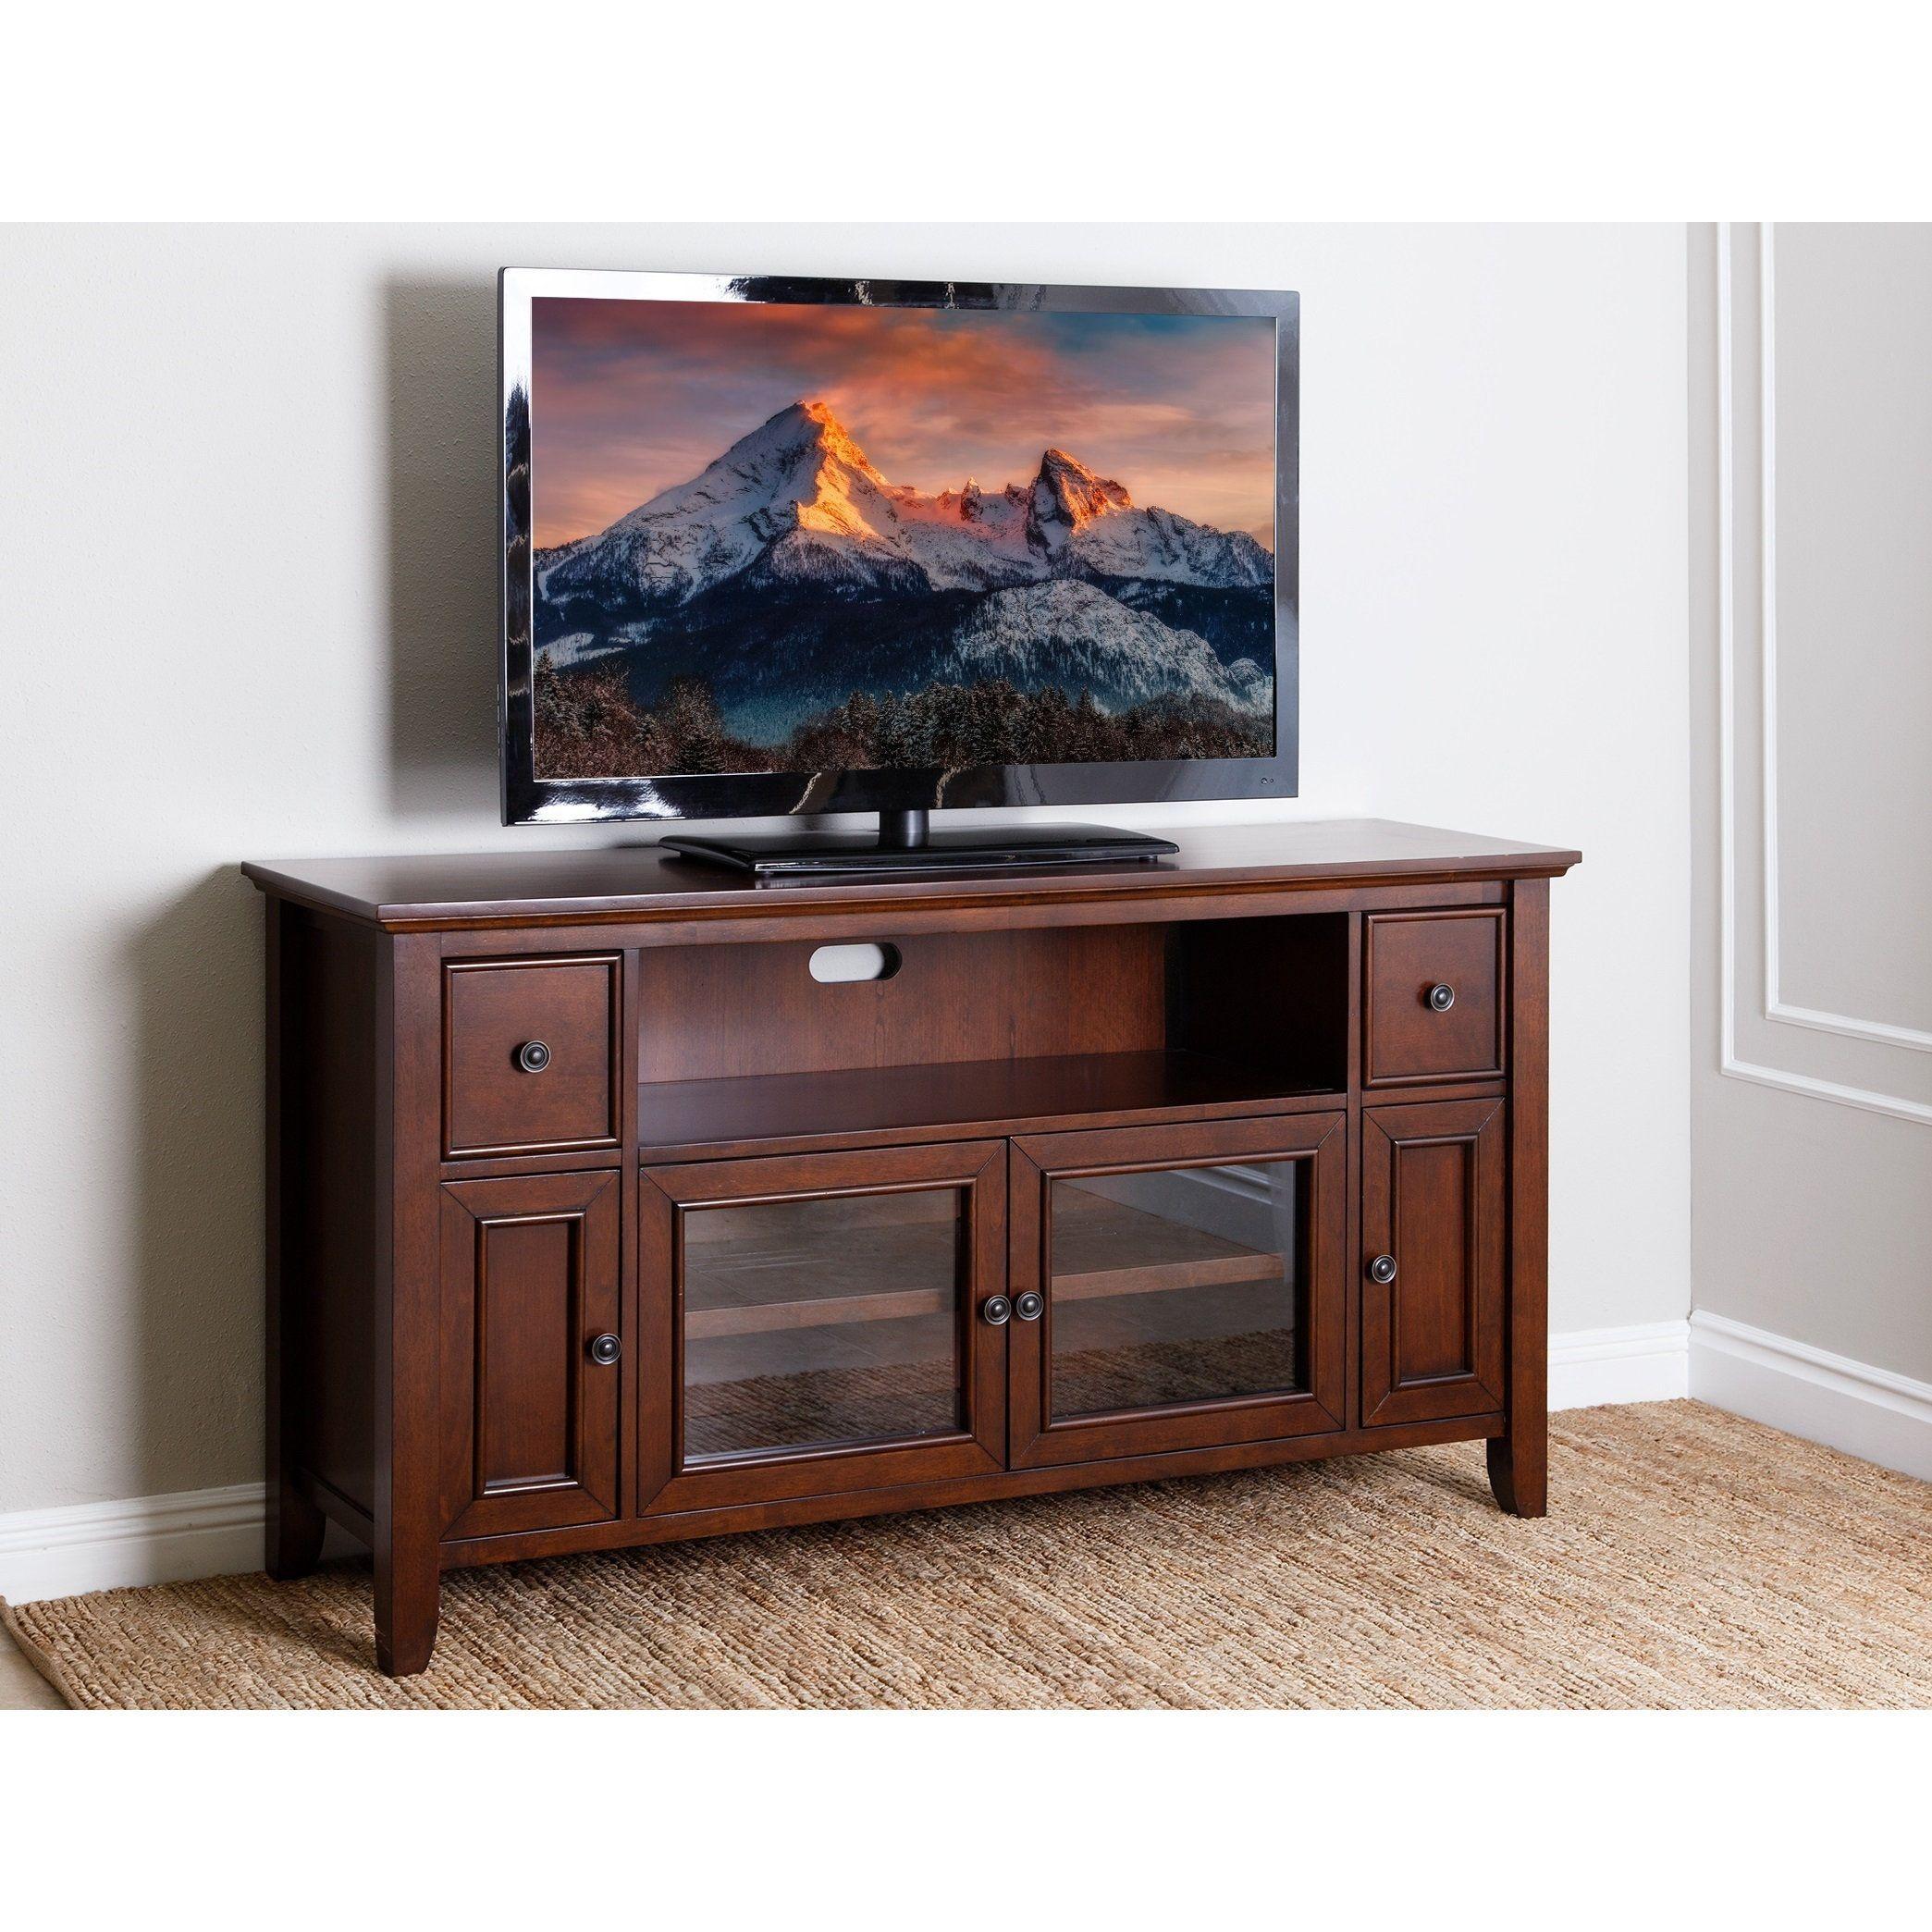 Abbyson Vienna Cherry Veneer Wood 65 Inch Tv Stand Console Vienna